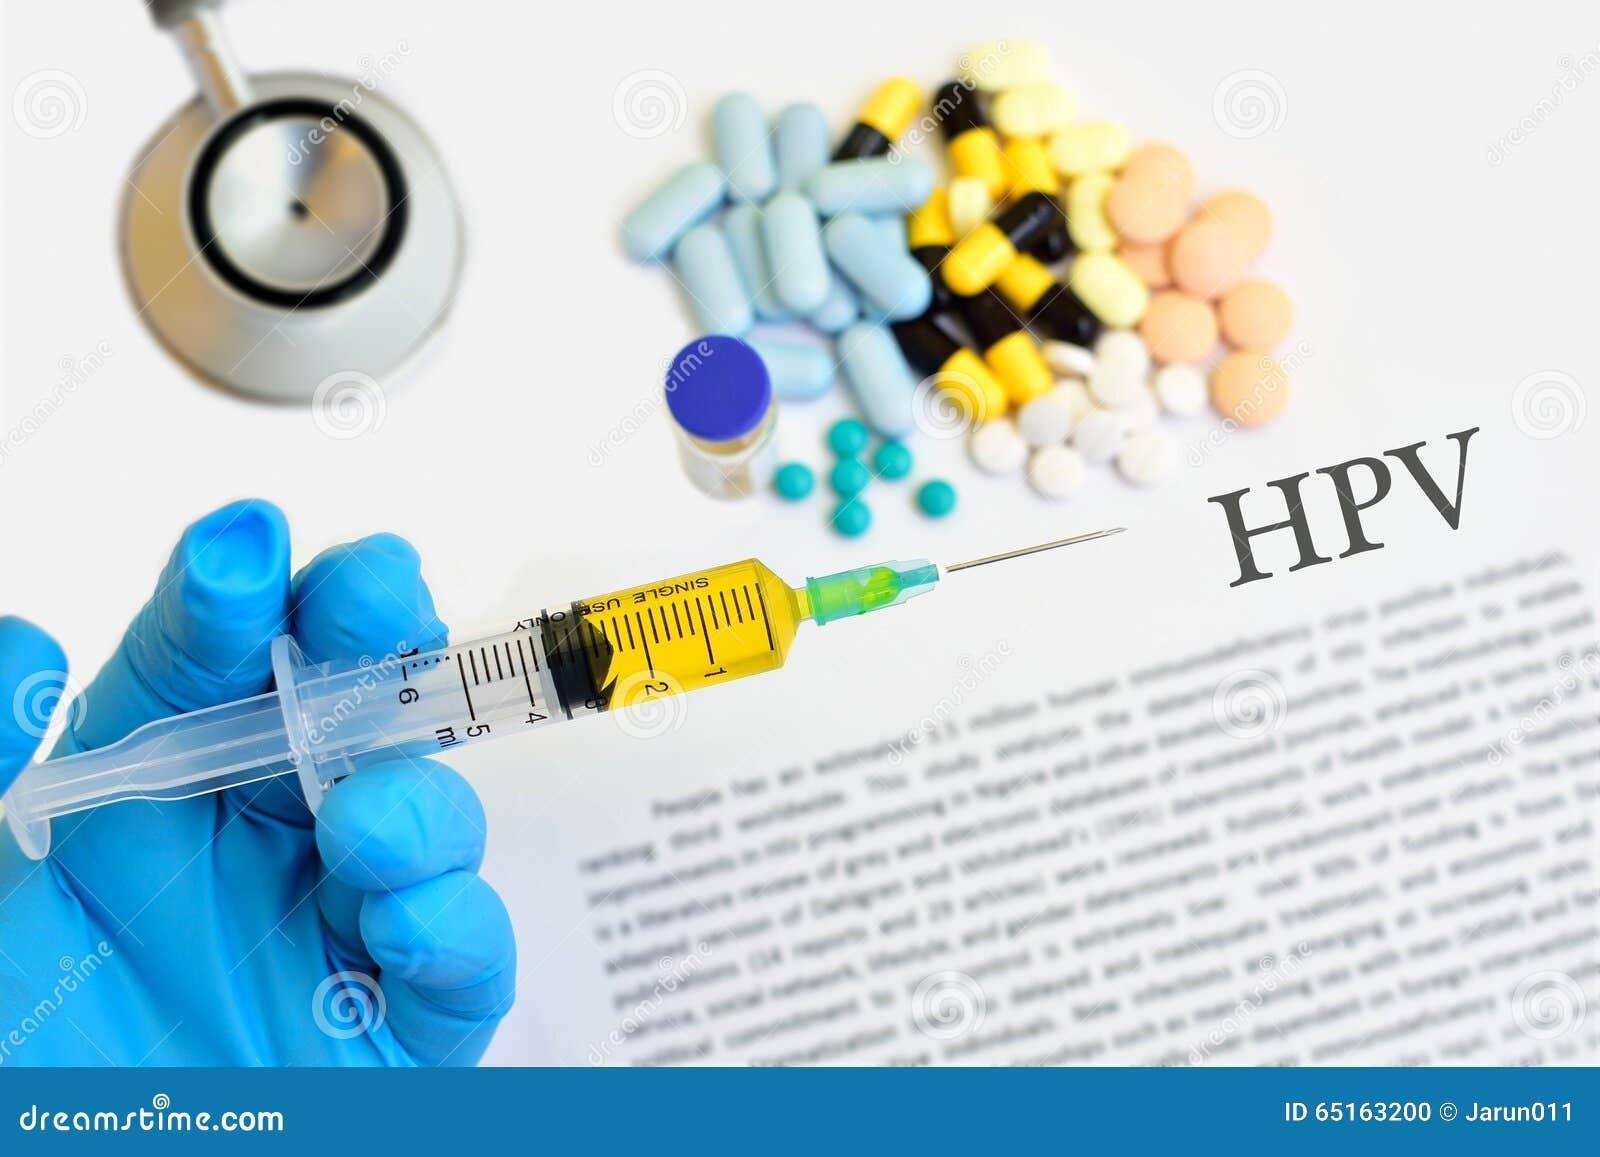 traitement papillomavirus humain)